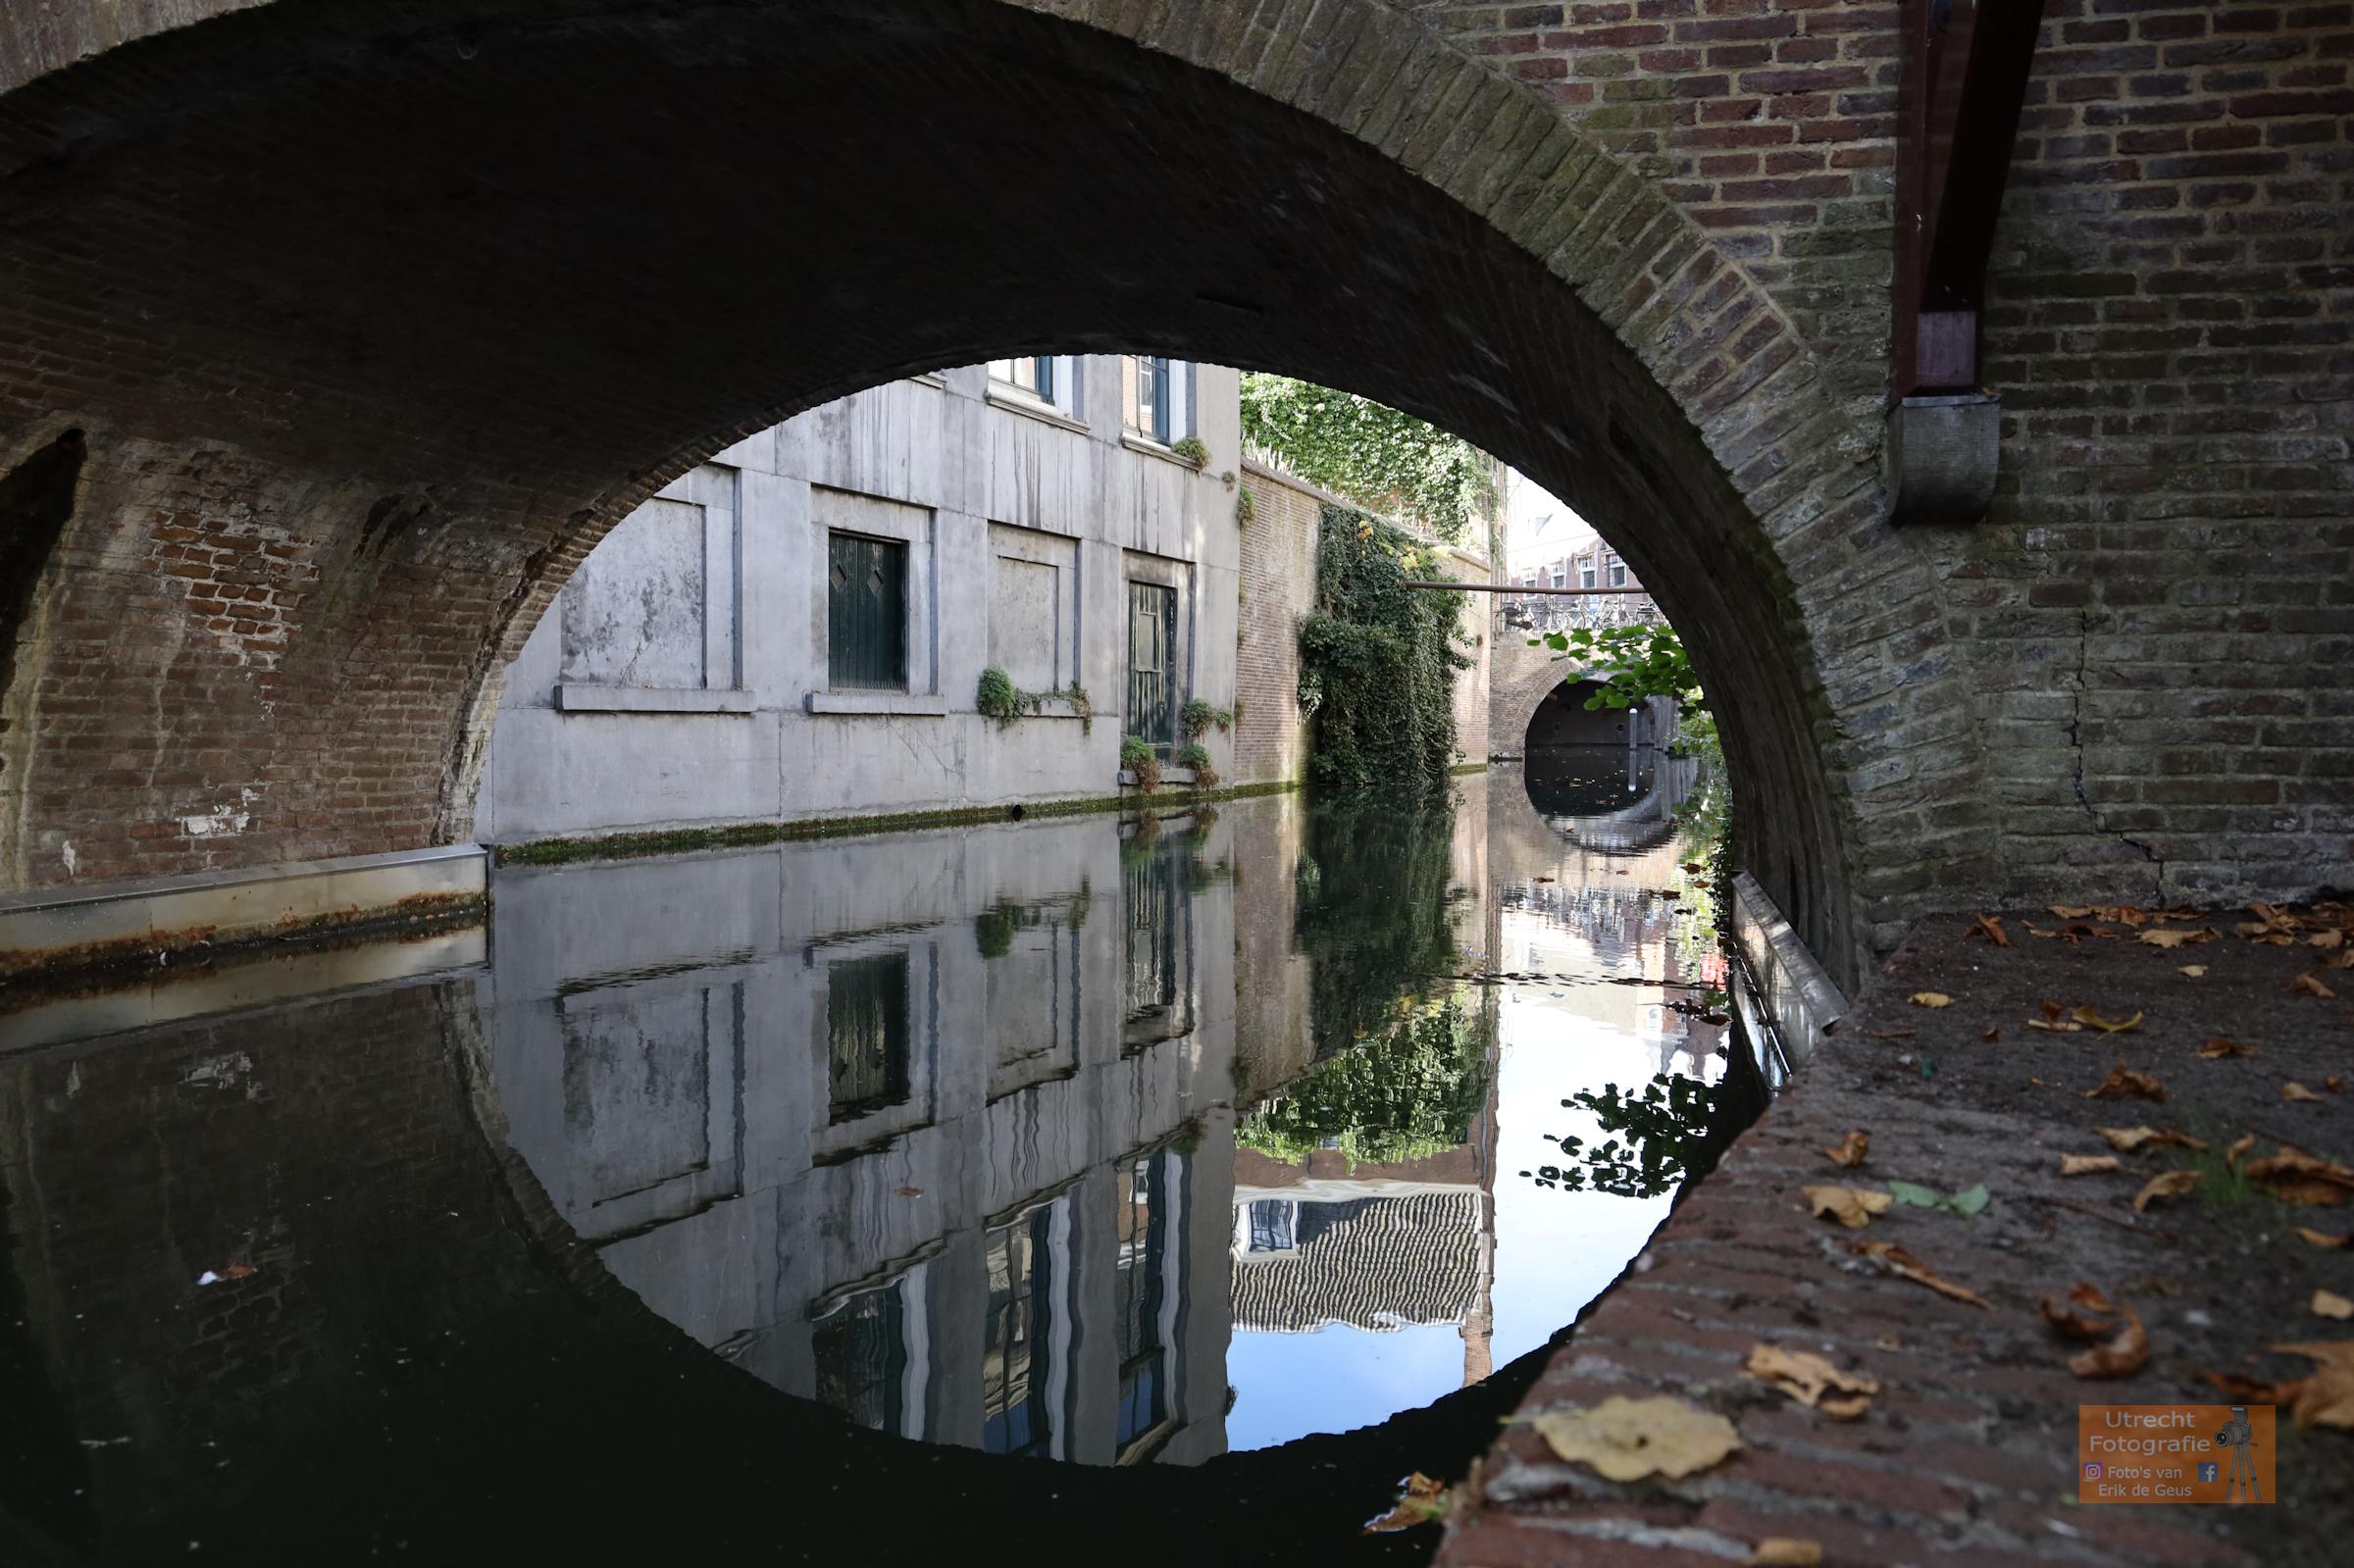 20181019 Kromme Nieuwegracht 01